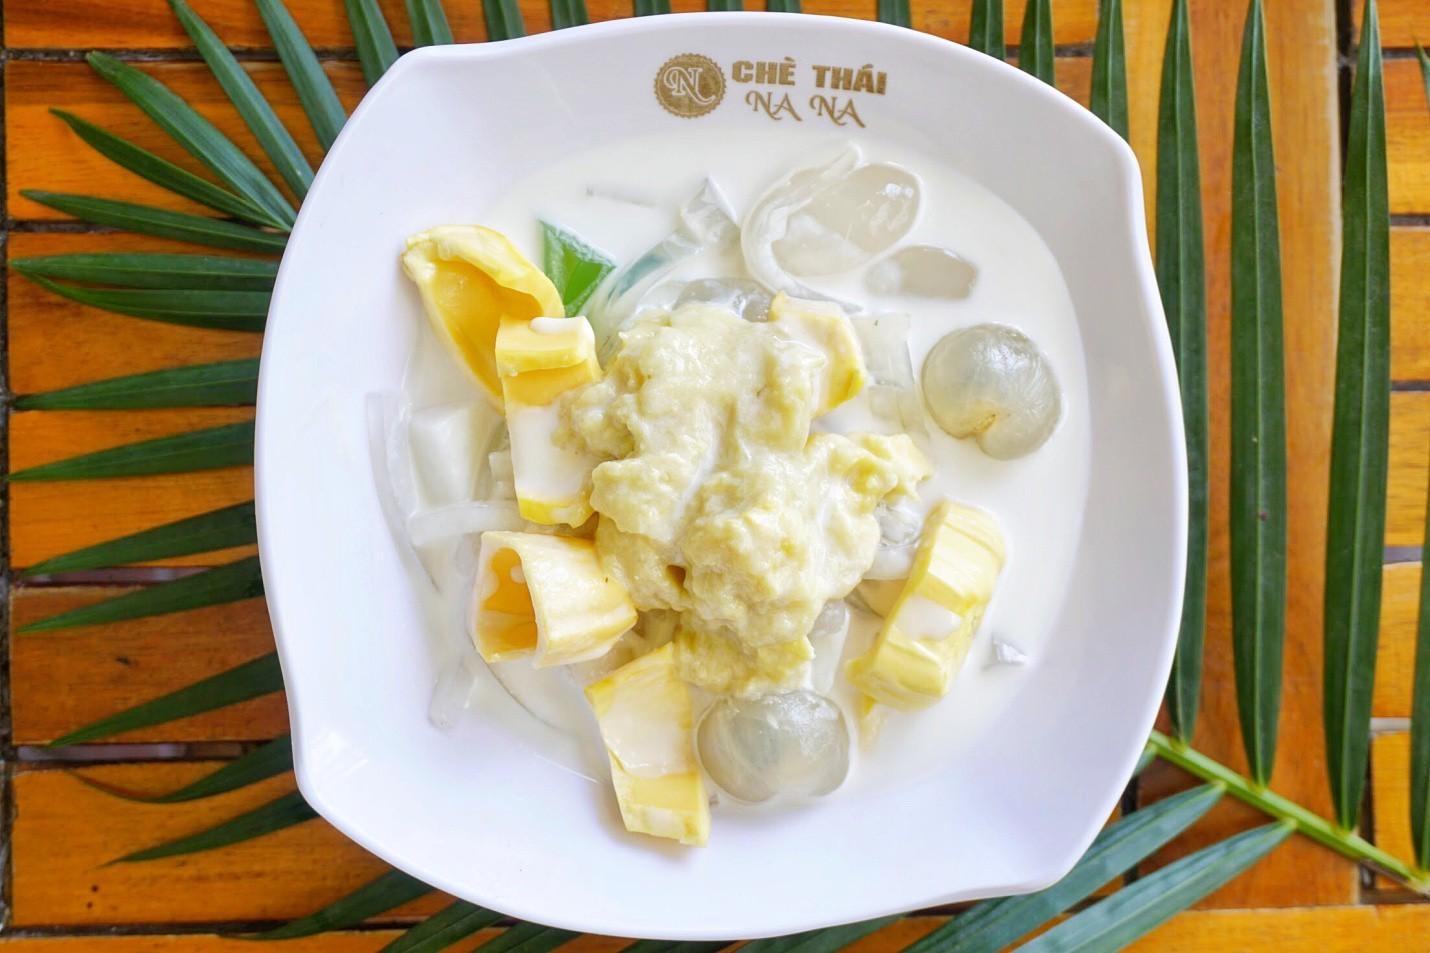 Đến Đà Nẵng ăn đặc sản chè Thái và tàu hũ sầu riêng, món quen mà lạ - Ảnh 3.